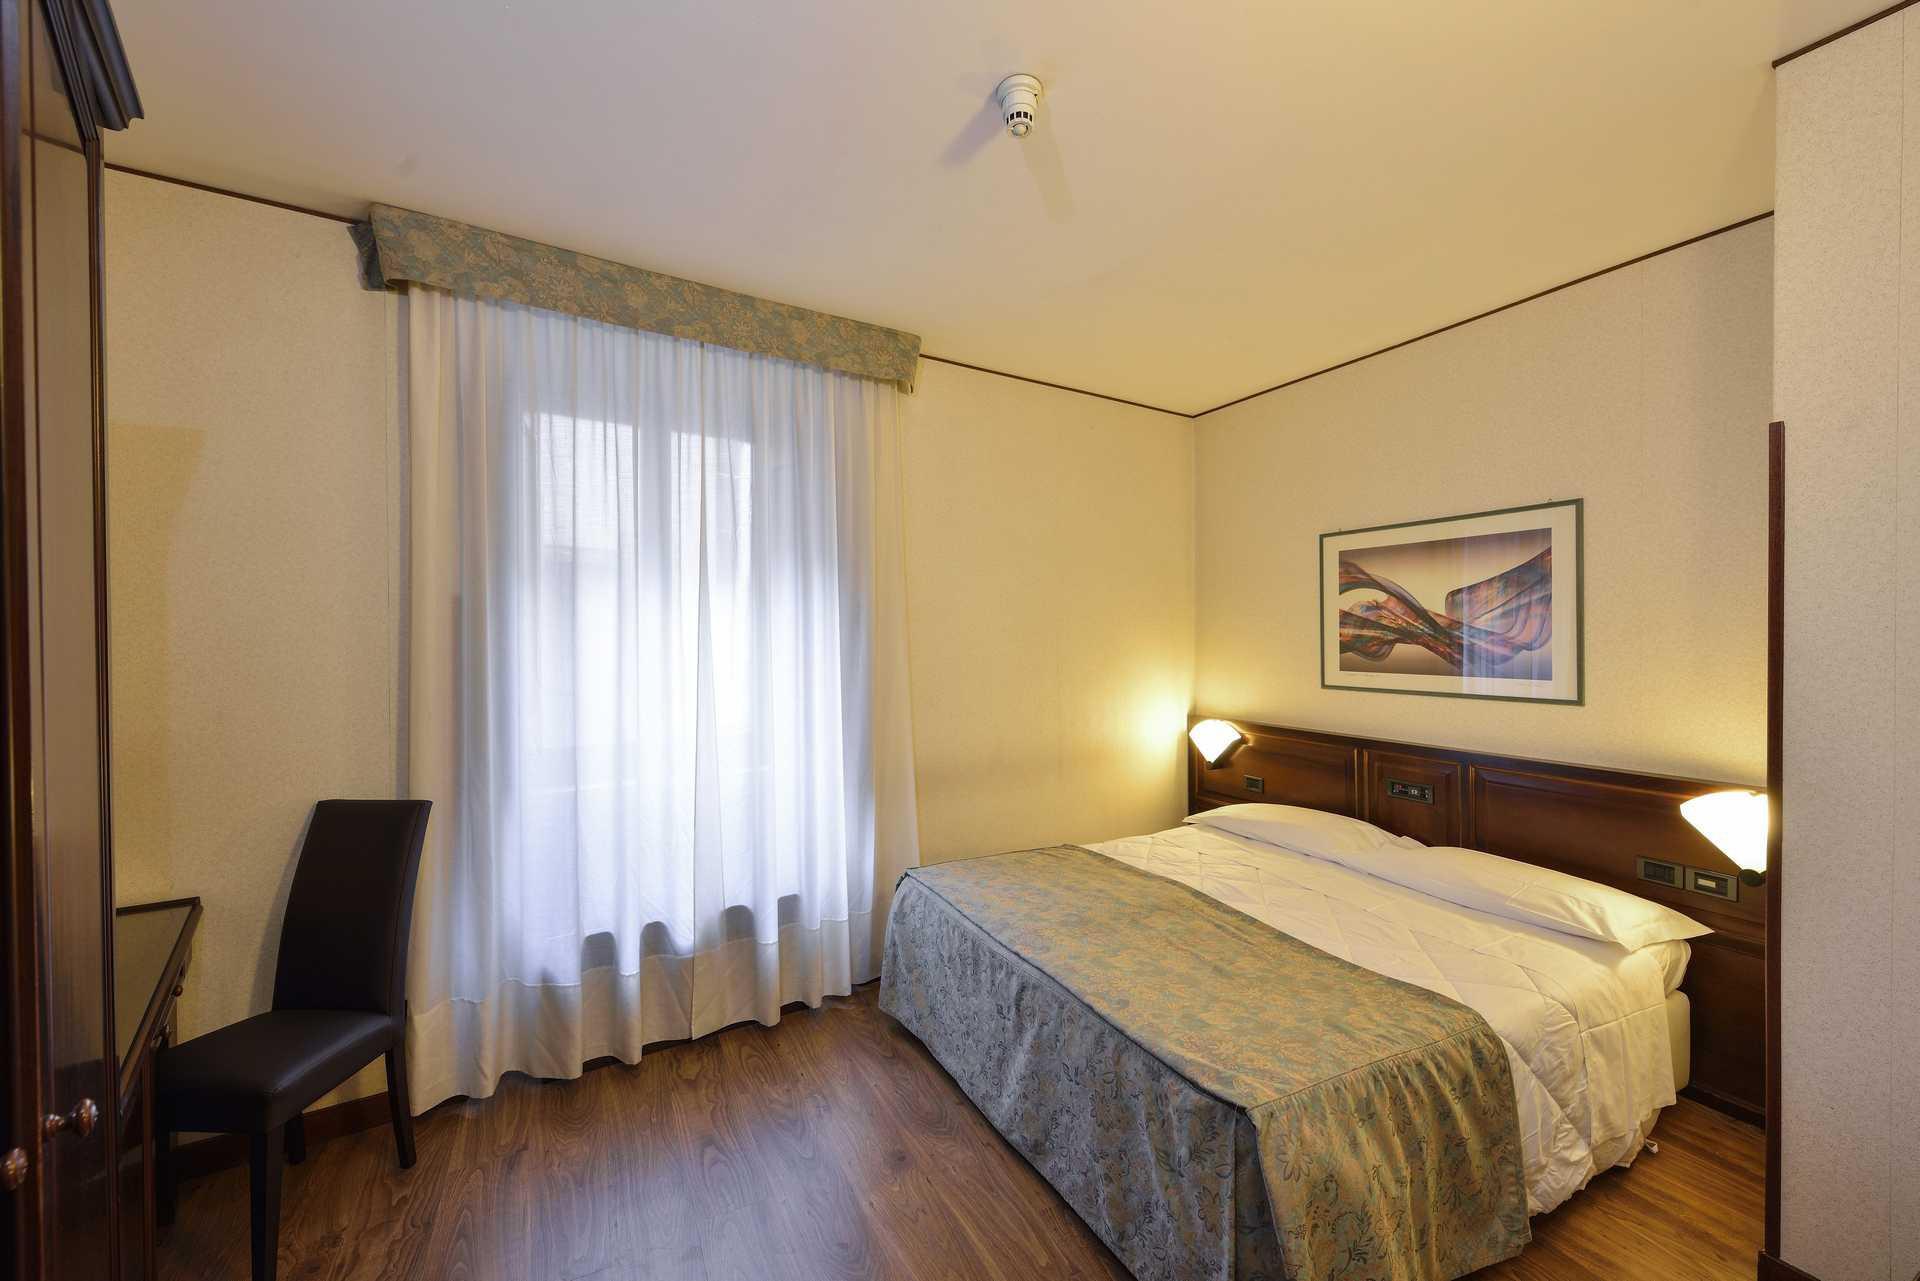 Camera economy - Hotel Fonte Cesia Todi